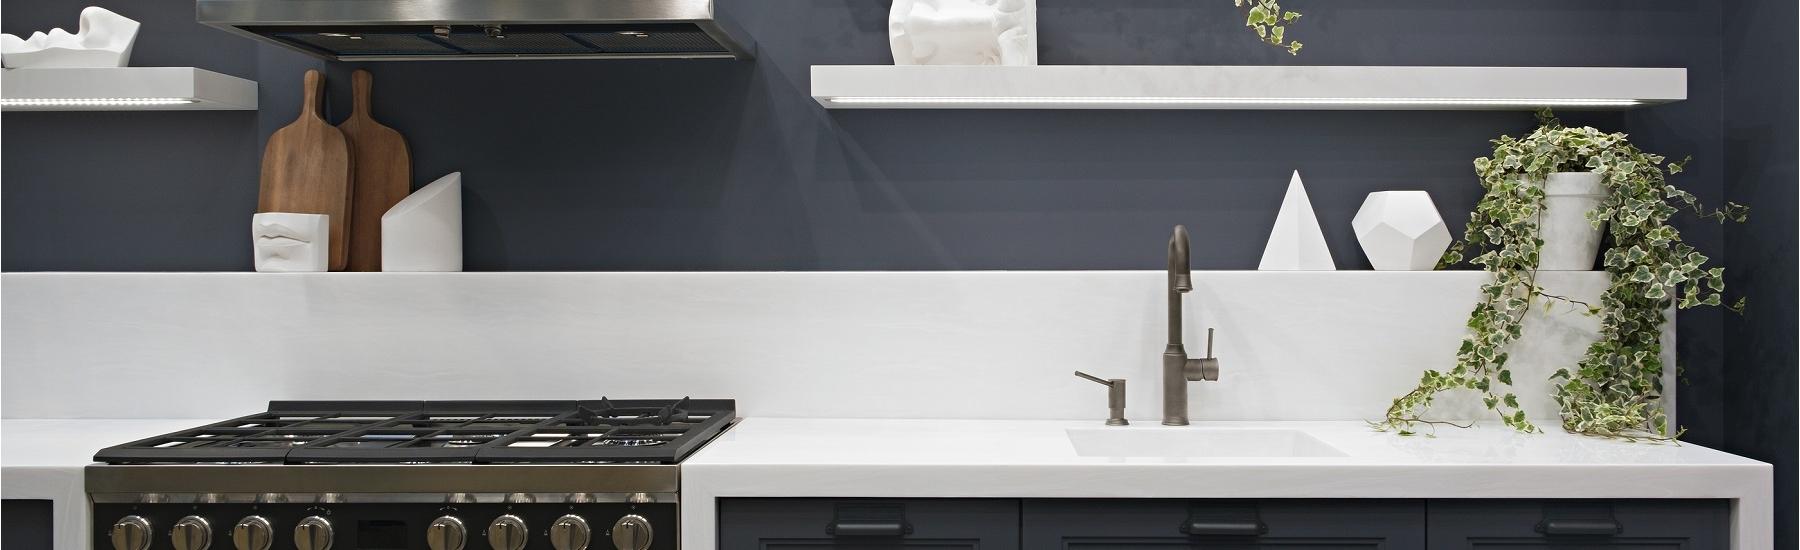 Grey and white kitchen scheme